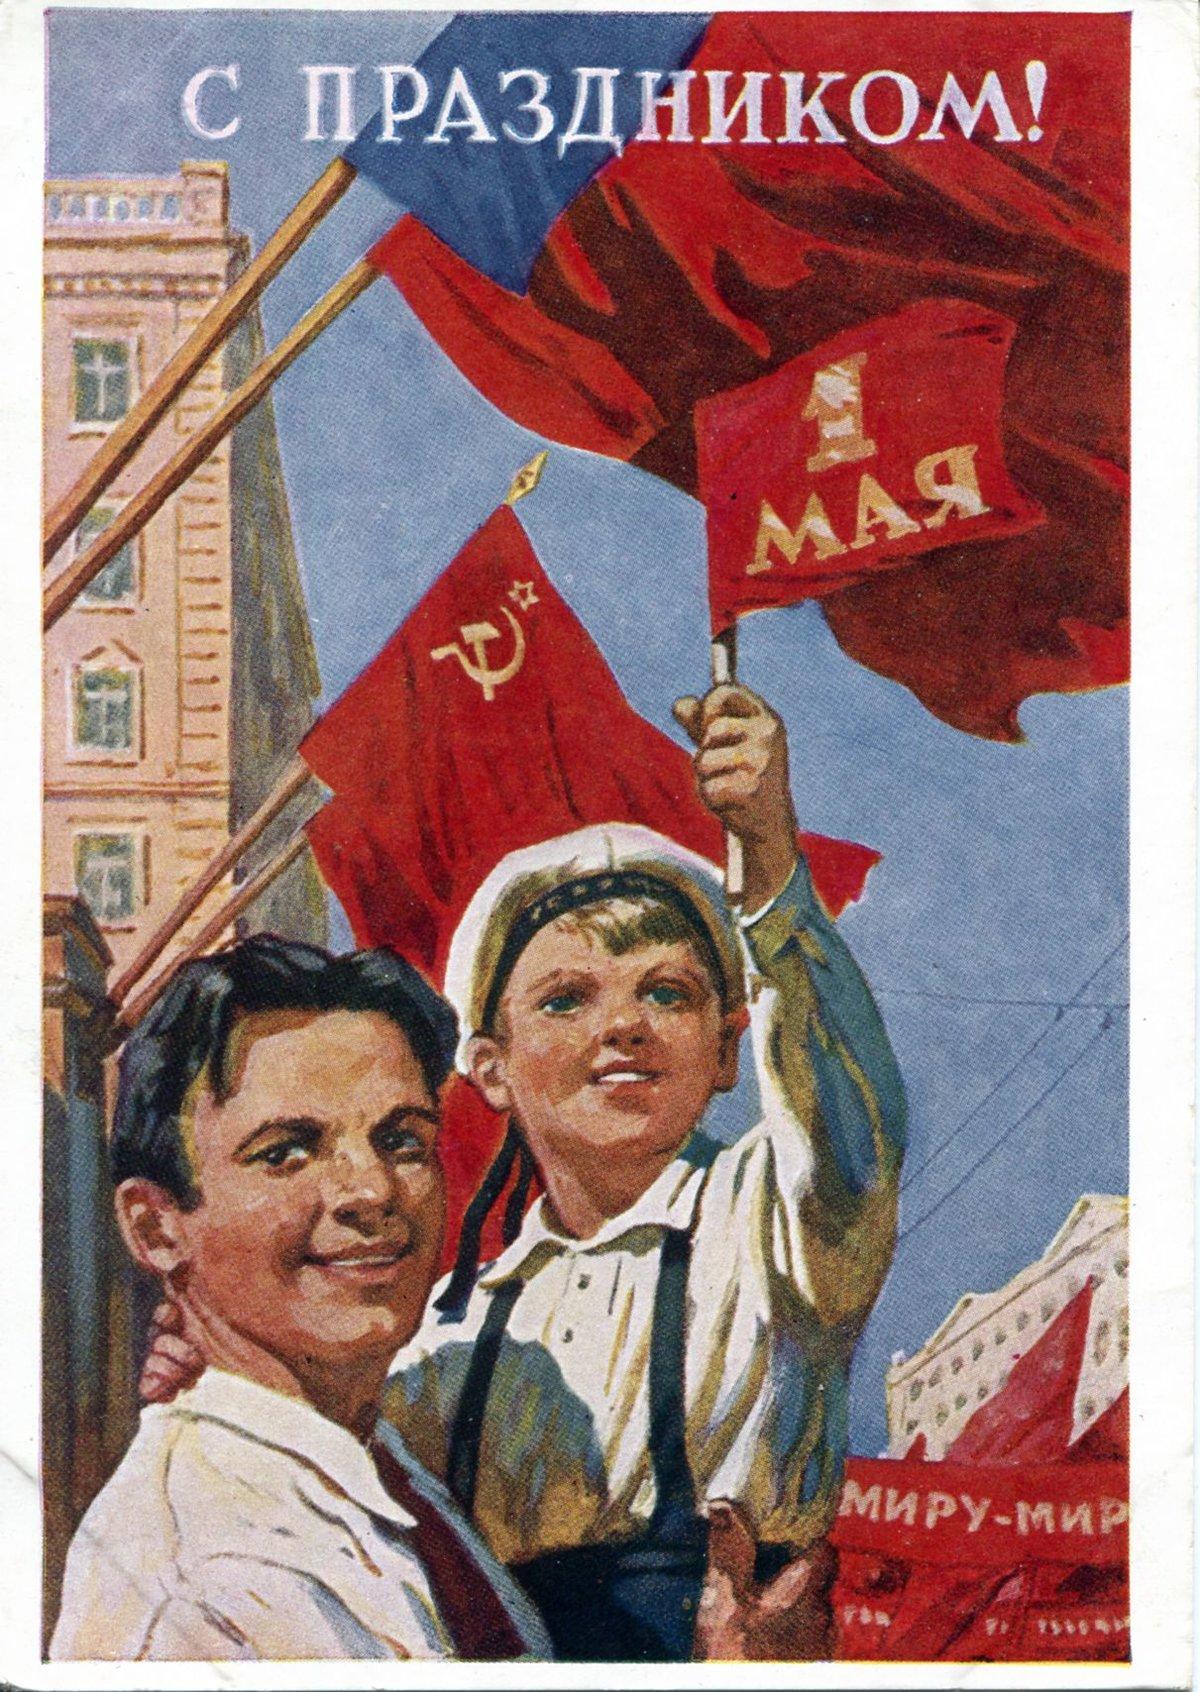 Работы картинки, советские открытки мир труд май